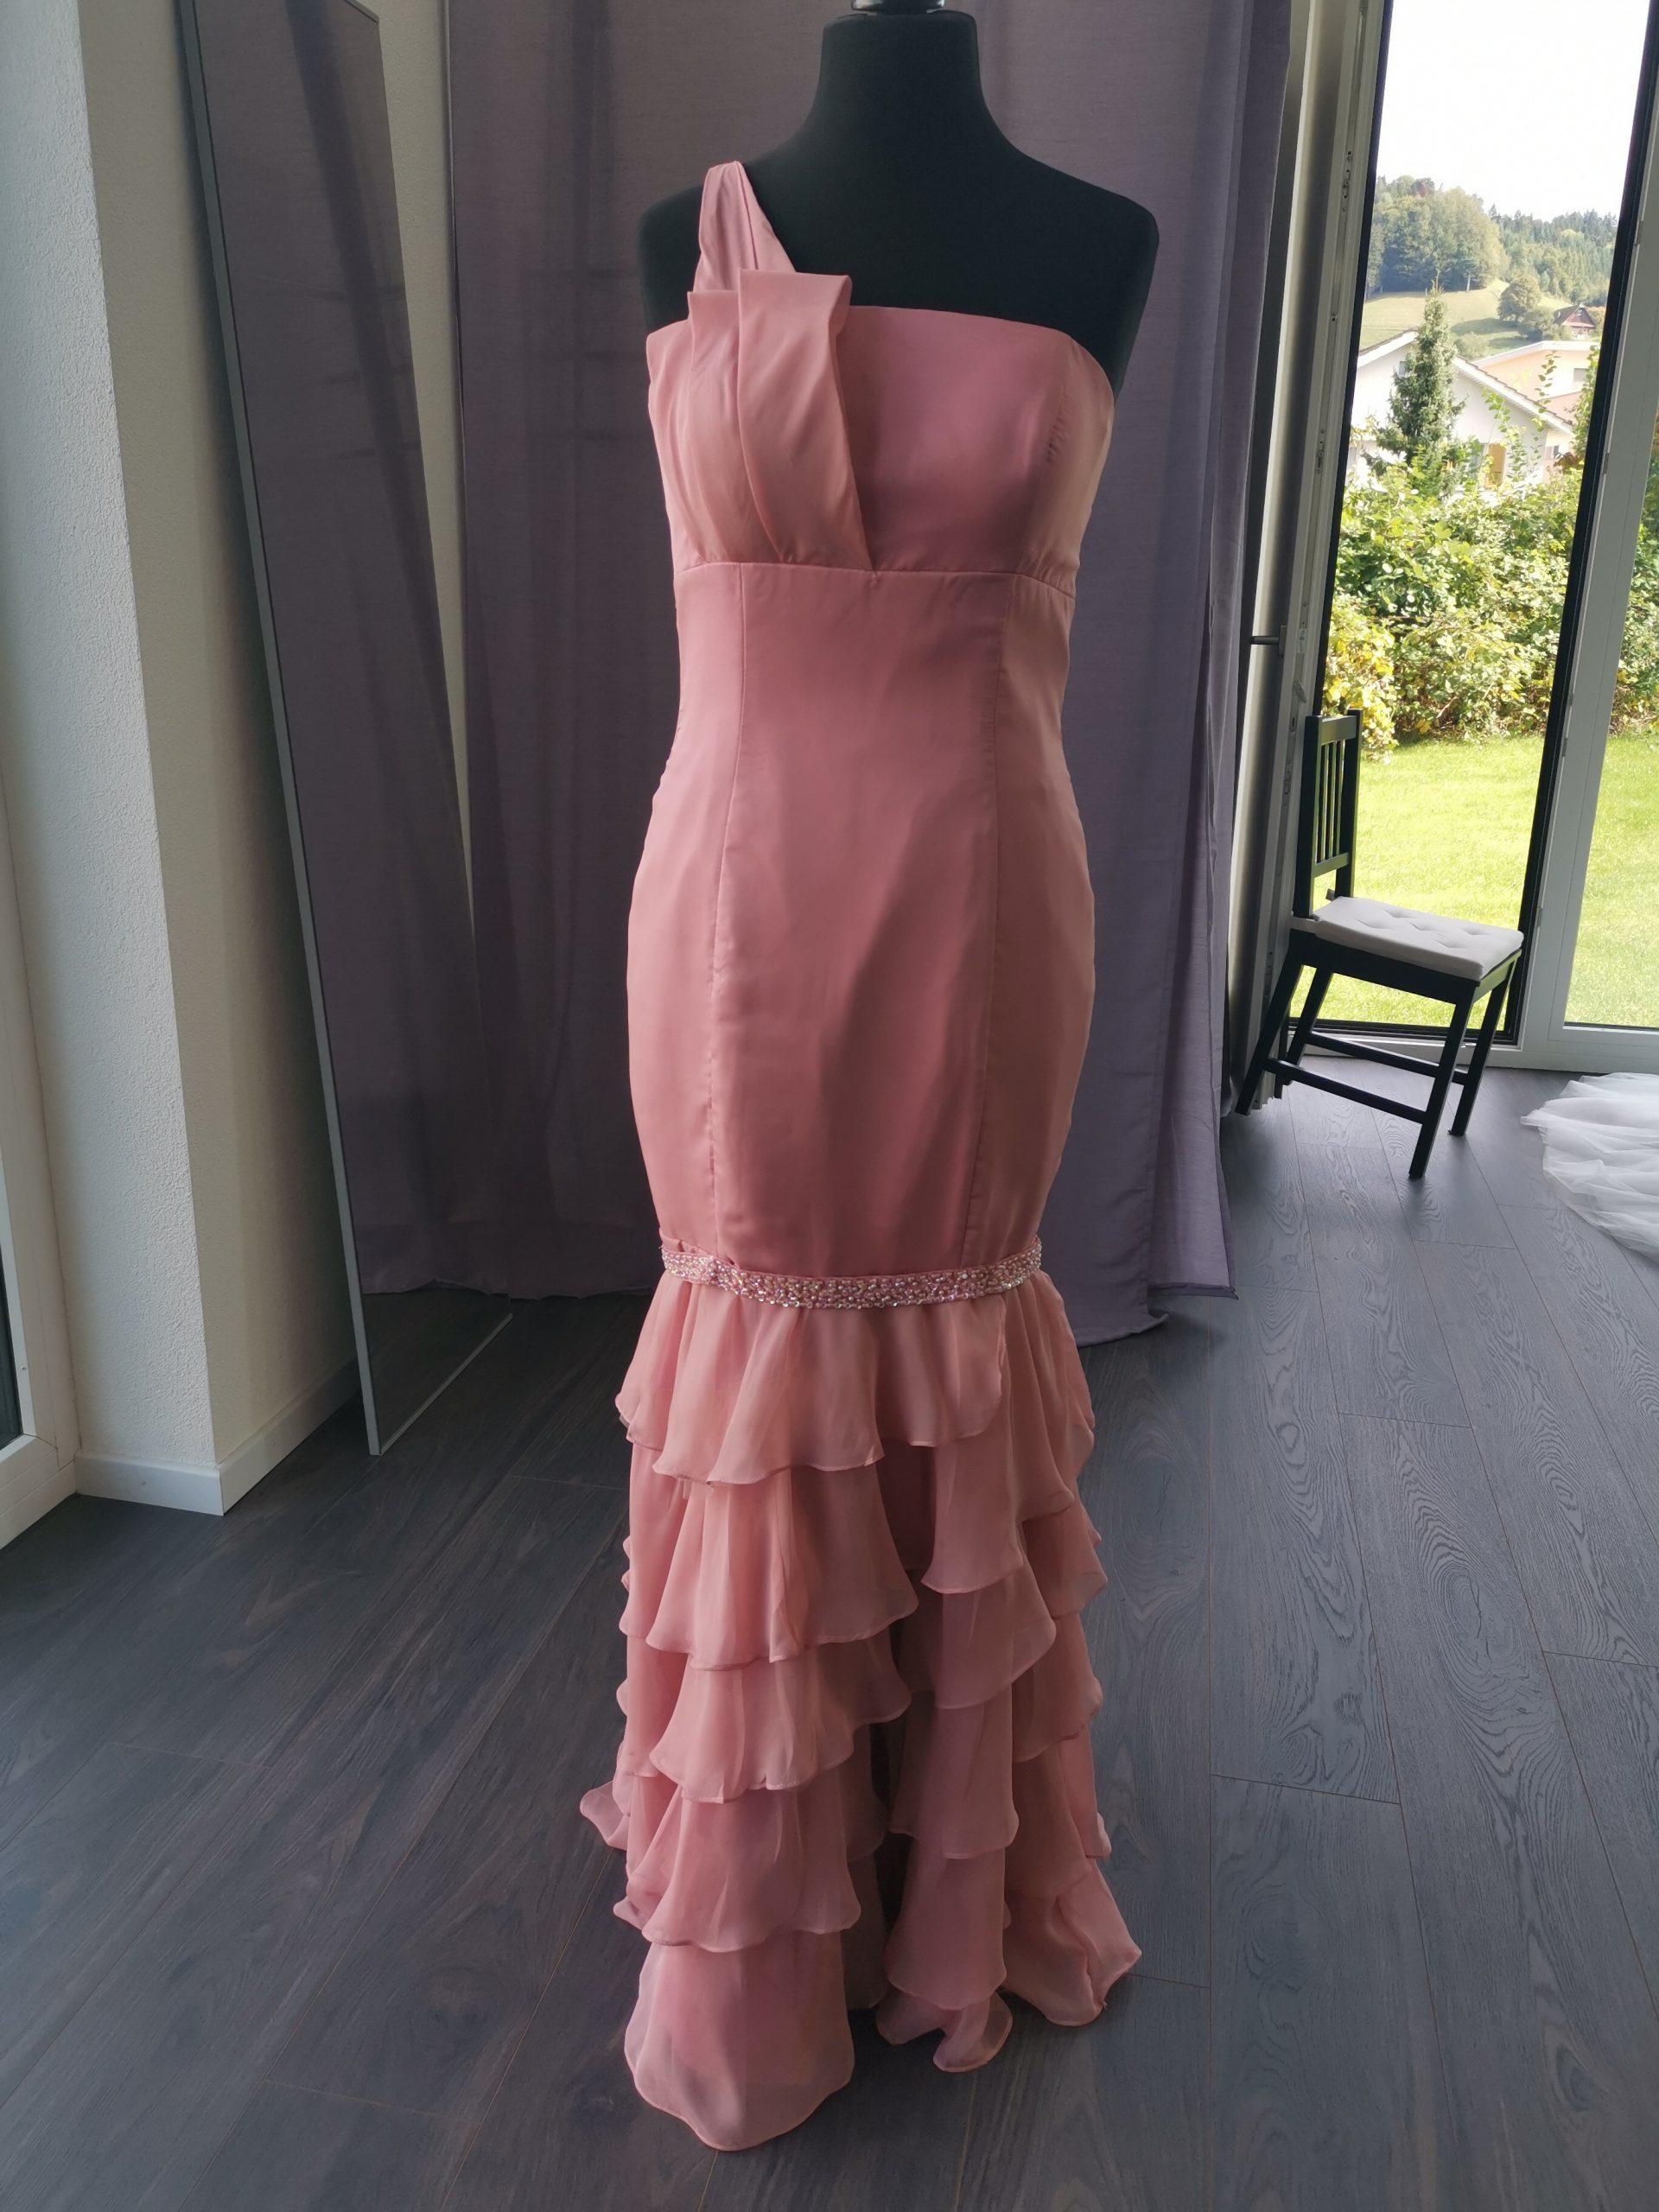 10 Luxurius Abendkleid Xara Galerie15 Schön Abendkleid Xara für 2019